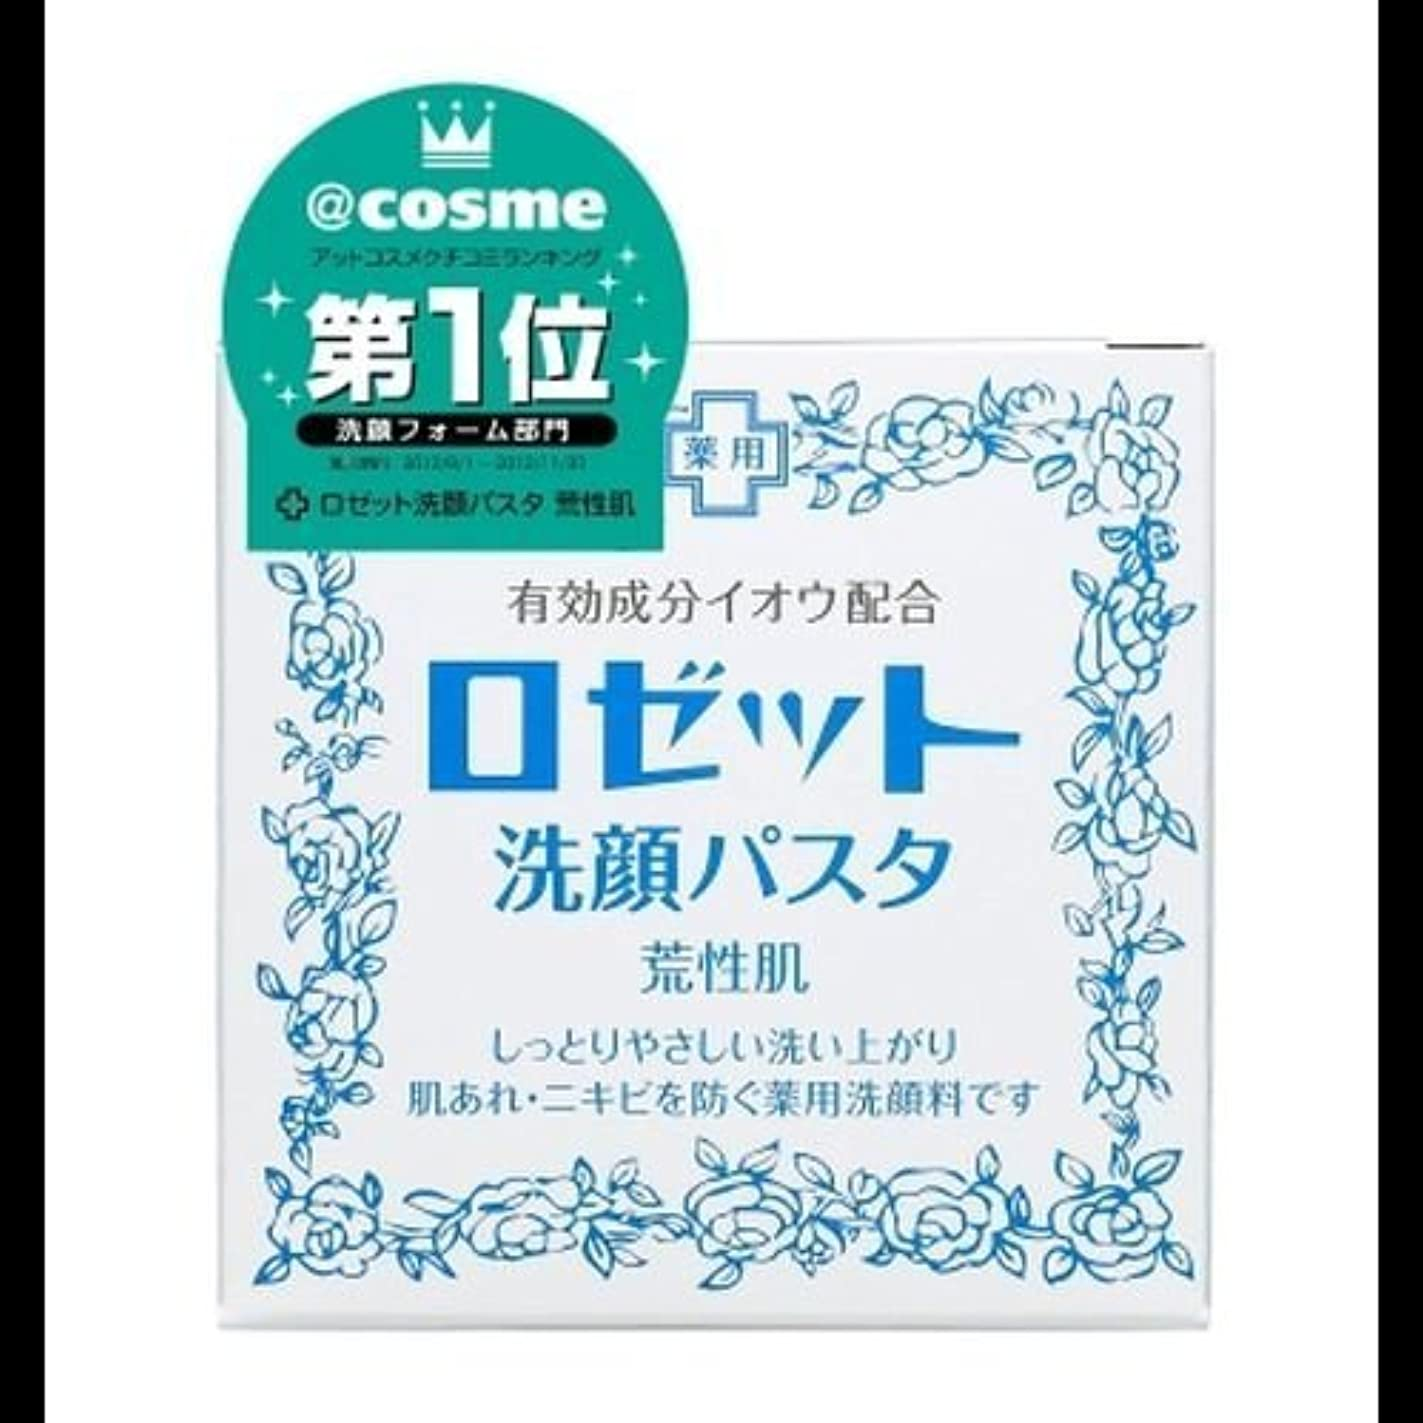 彫る一元化する六【まとめ買い】ロゼット 洗顔パスタ 荒性90g ×2セット